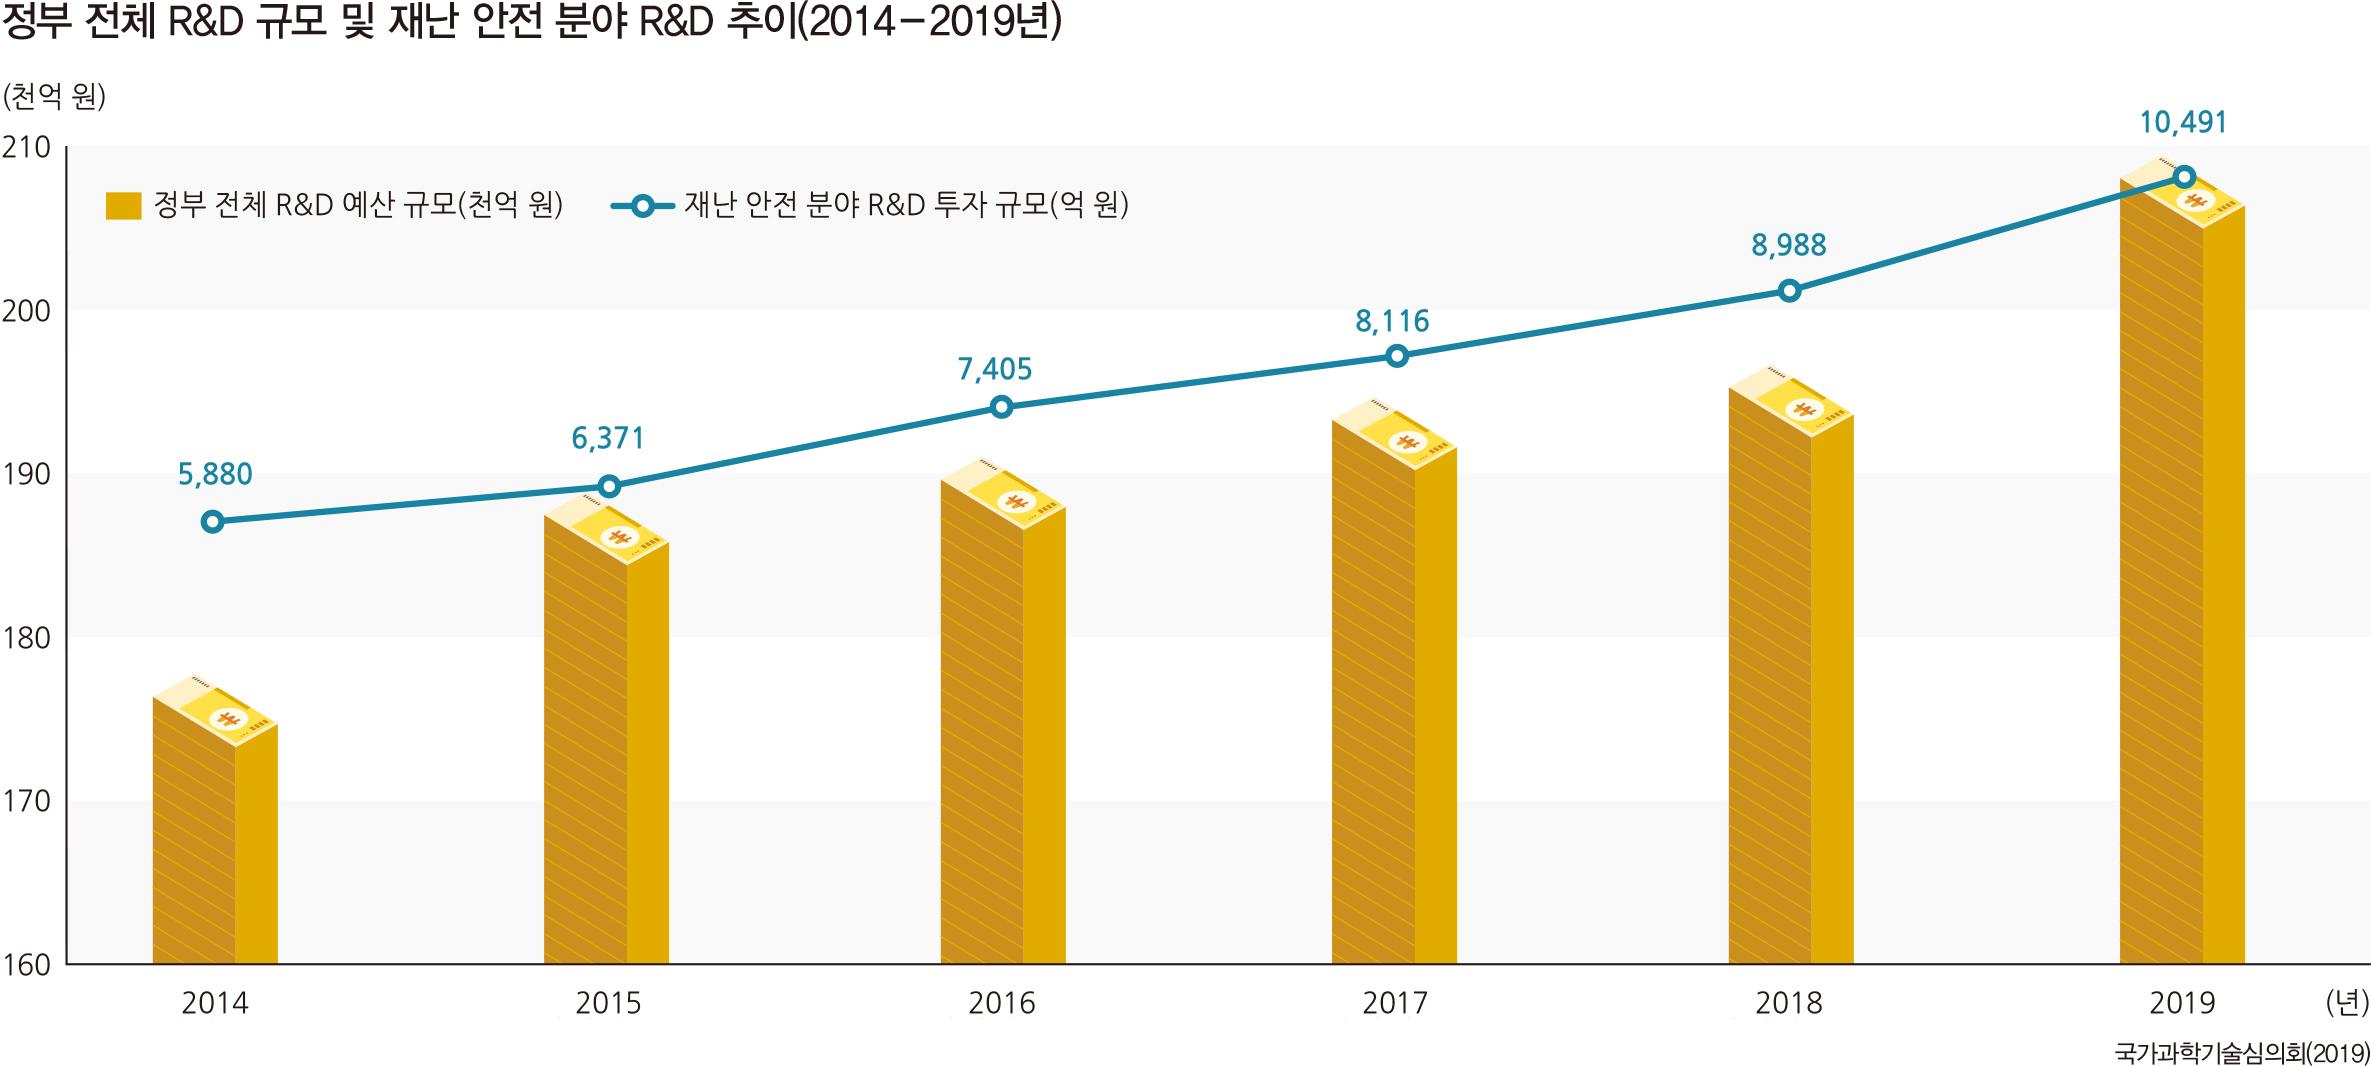 정부 전체 R&D 규모 및 재난 안전 분야 R&D 추이(2014-2019년)